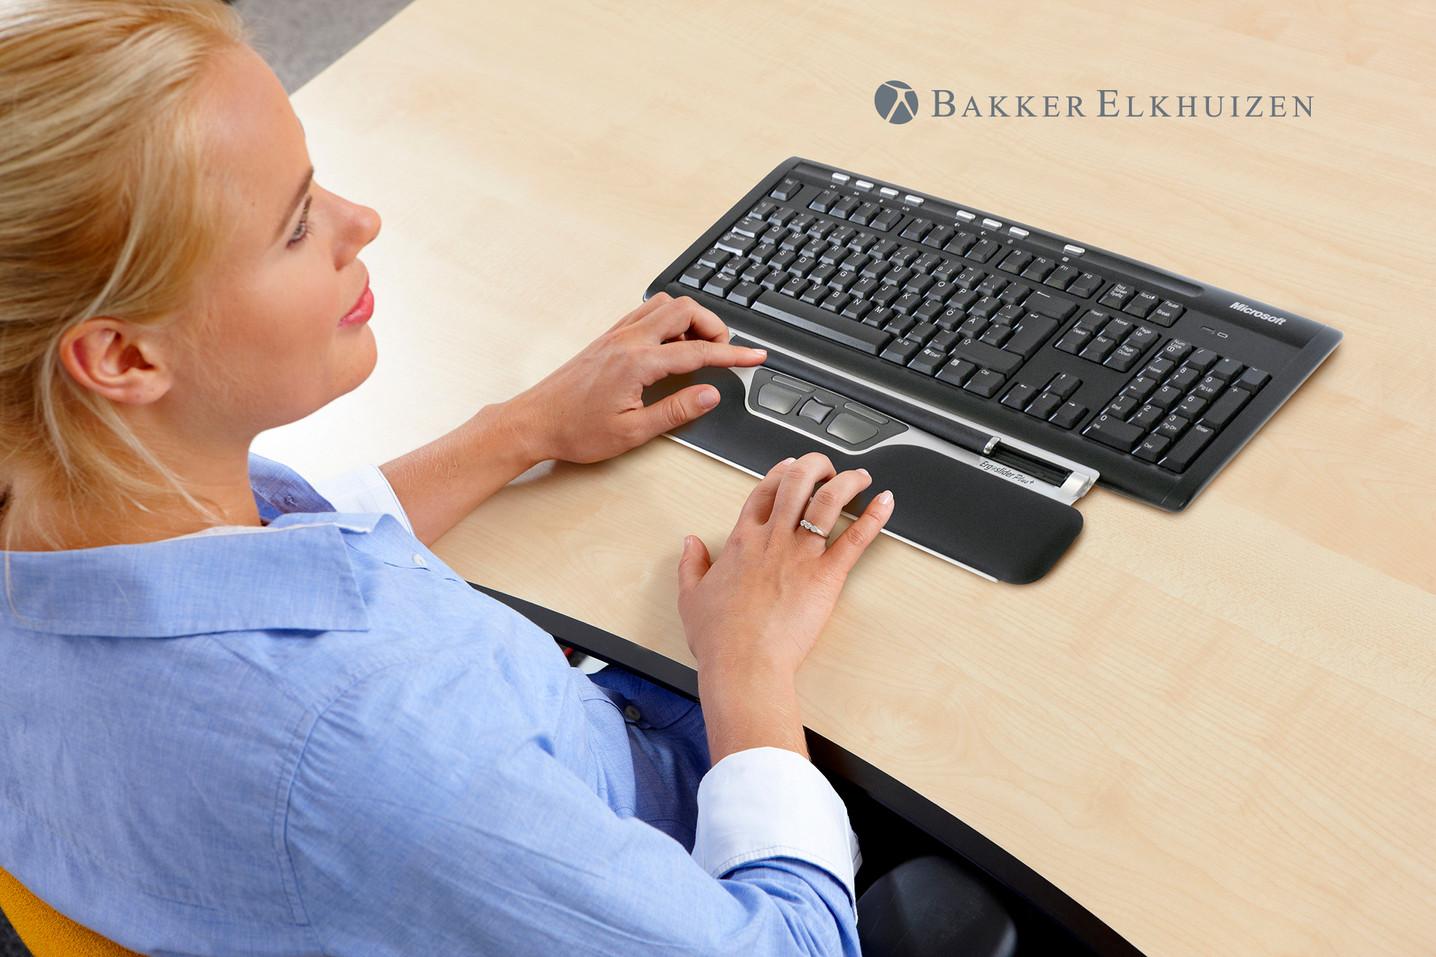 ergoslider-central-mouse-central-ergonom